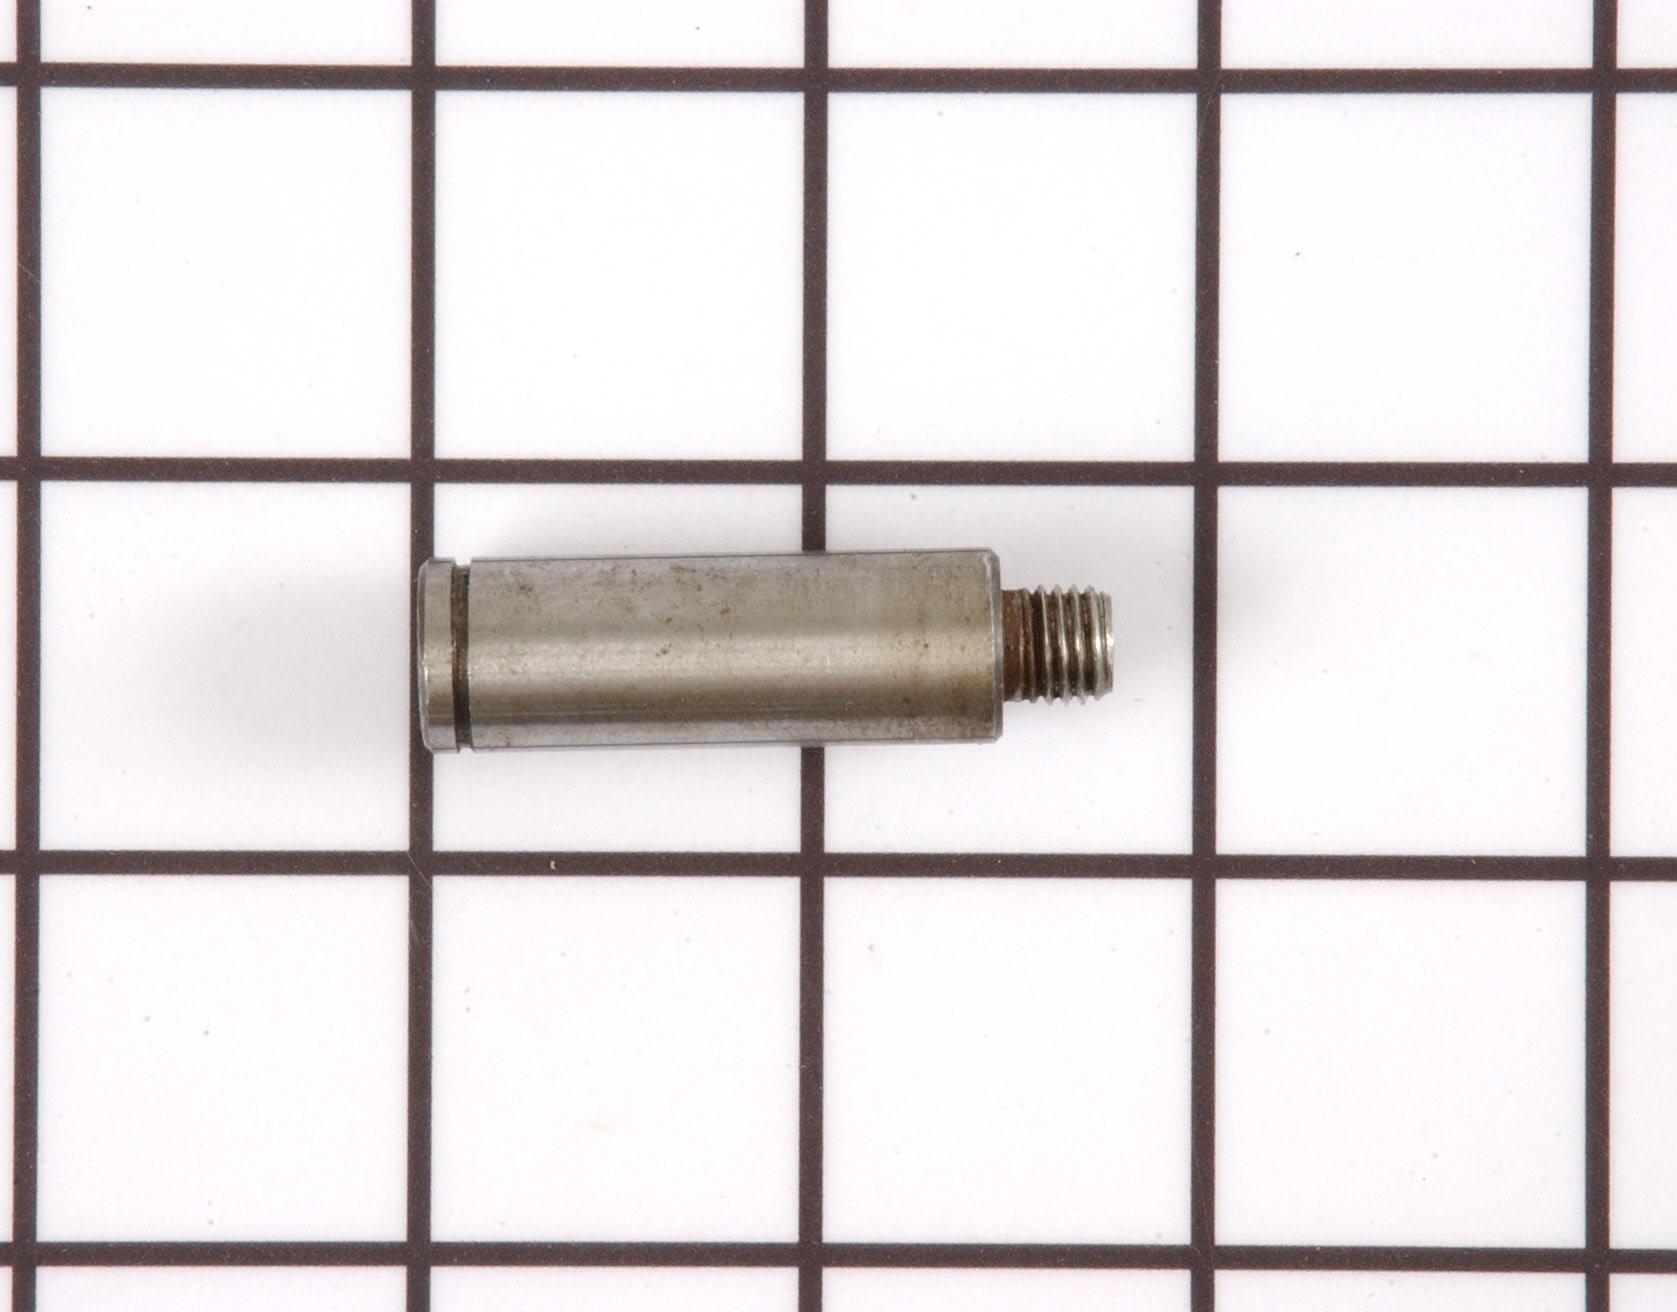 WP6-3129480 Crosley Dryer Part -Drum Roller Axle